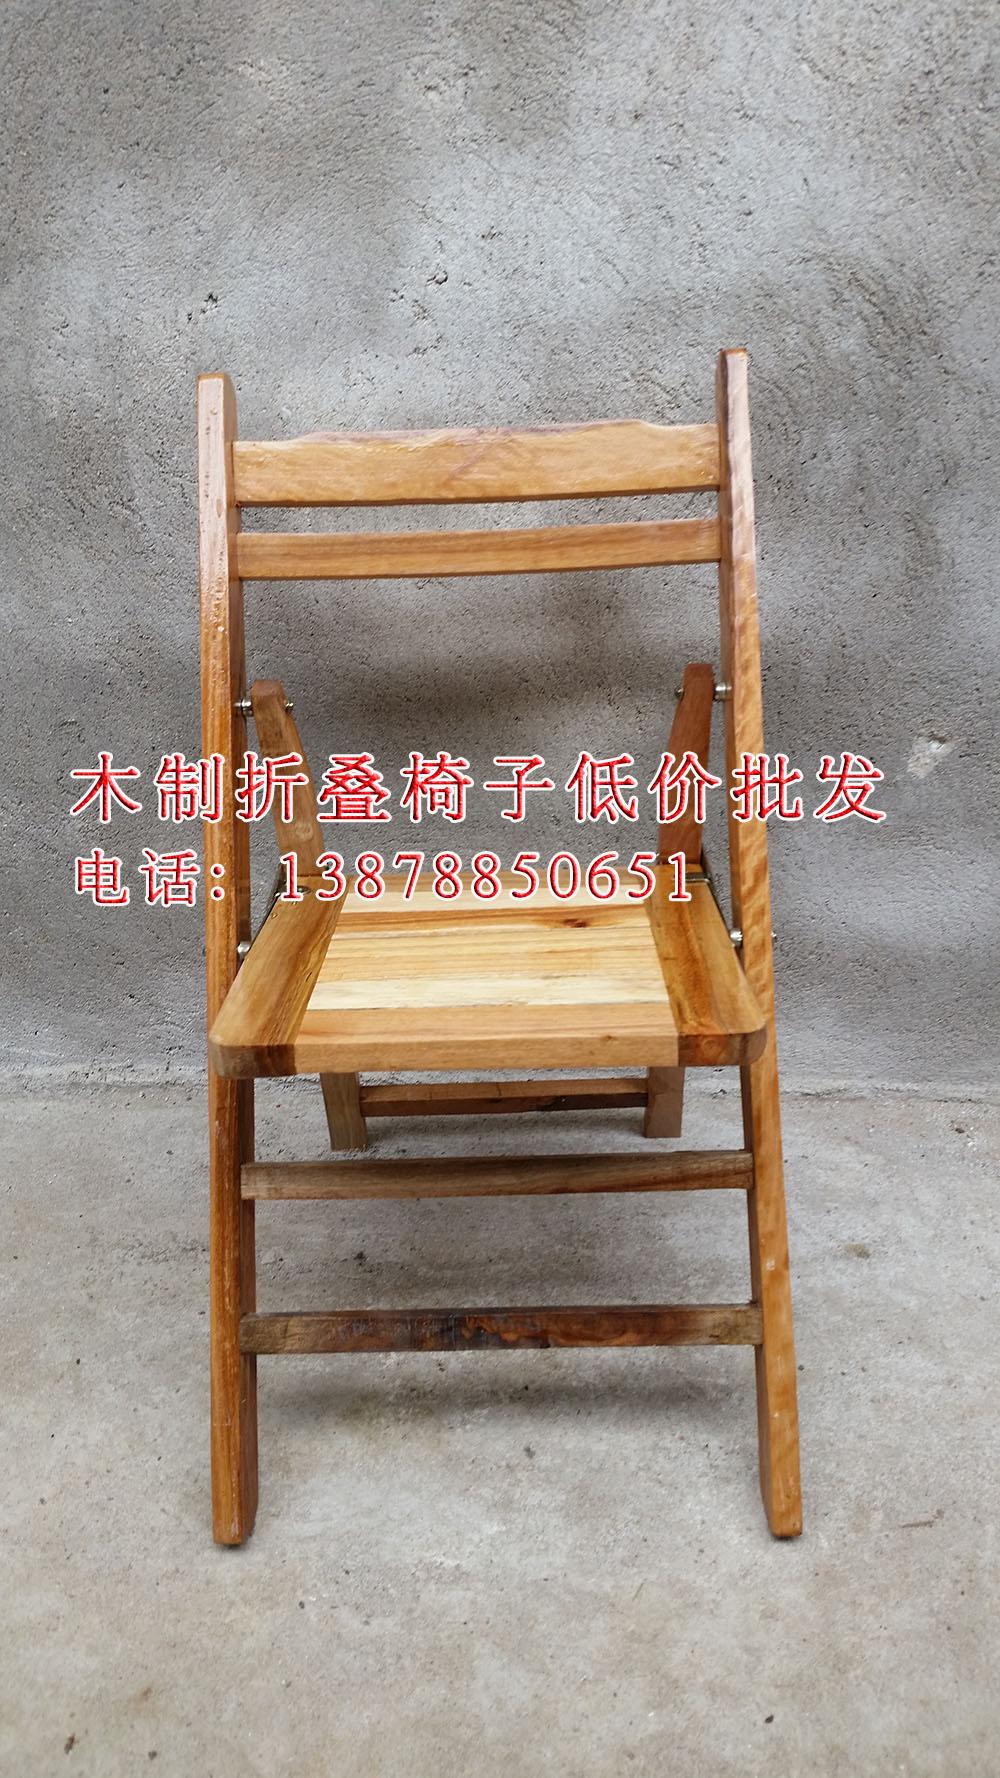 木制折叠椅低价供应-258